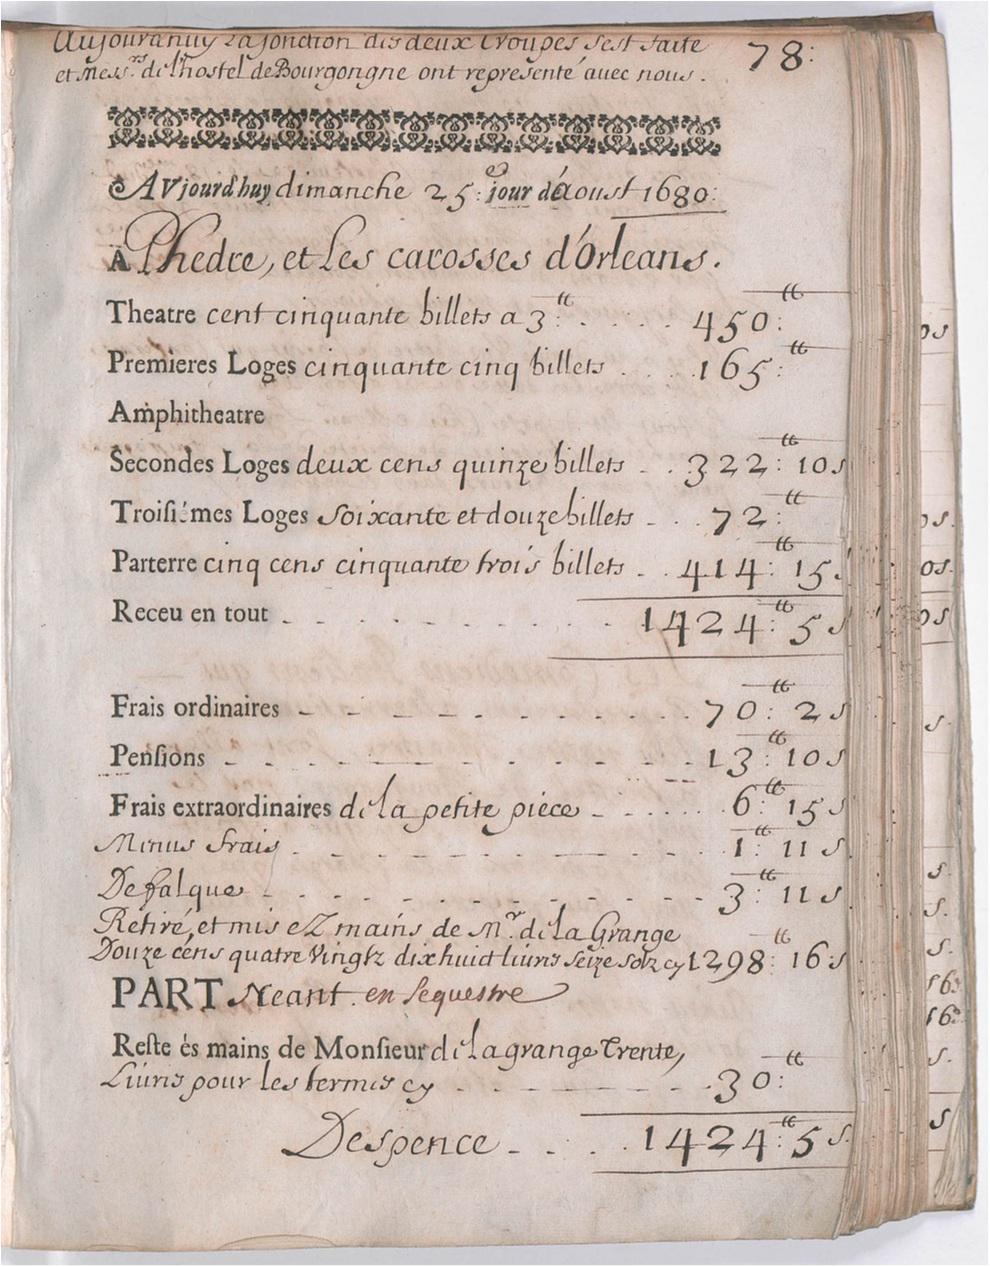 Jardin Encyclopédie Charmant H´tel Guénégaud 1680 1689 é Fran§aise Registers Project